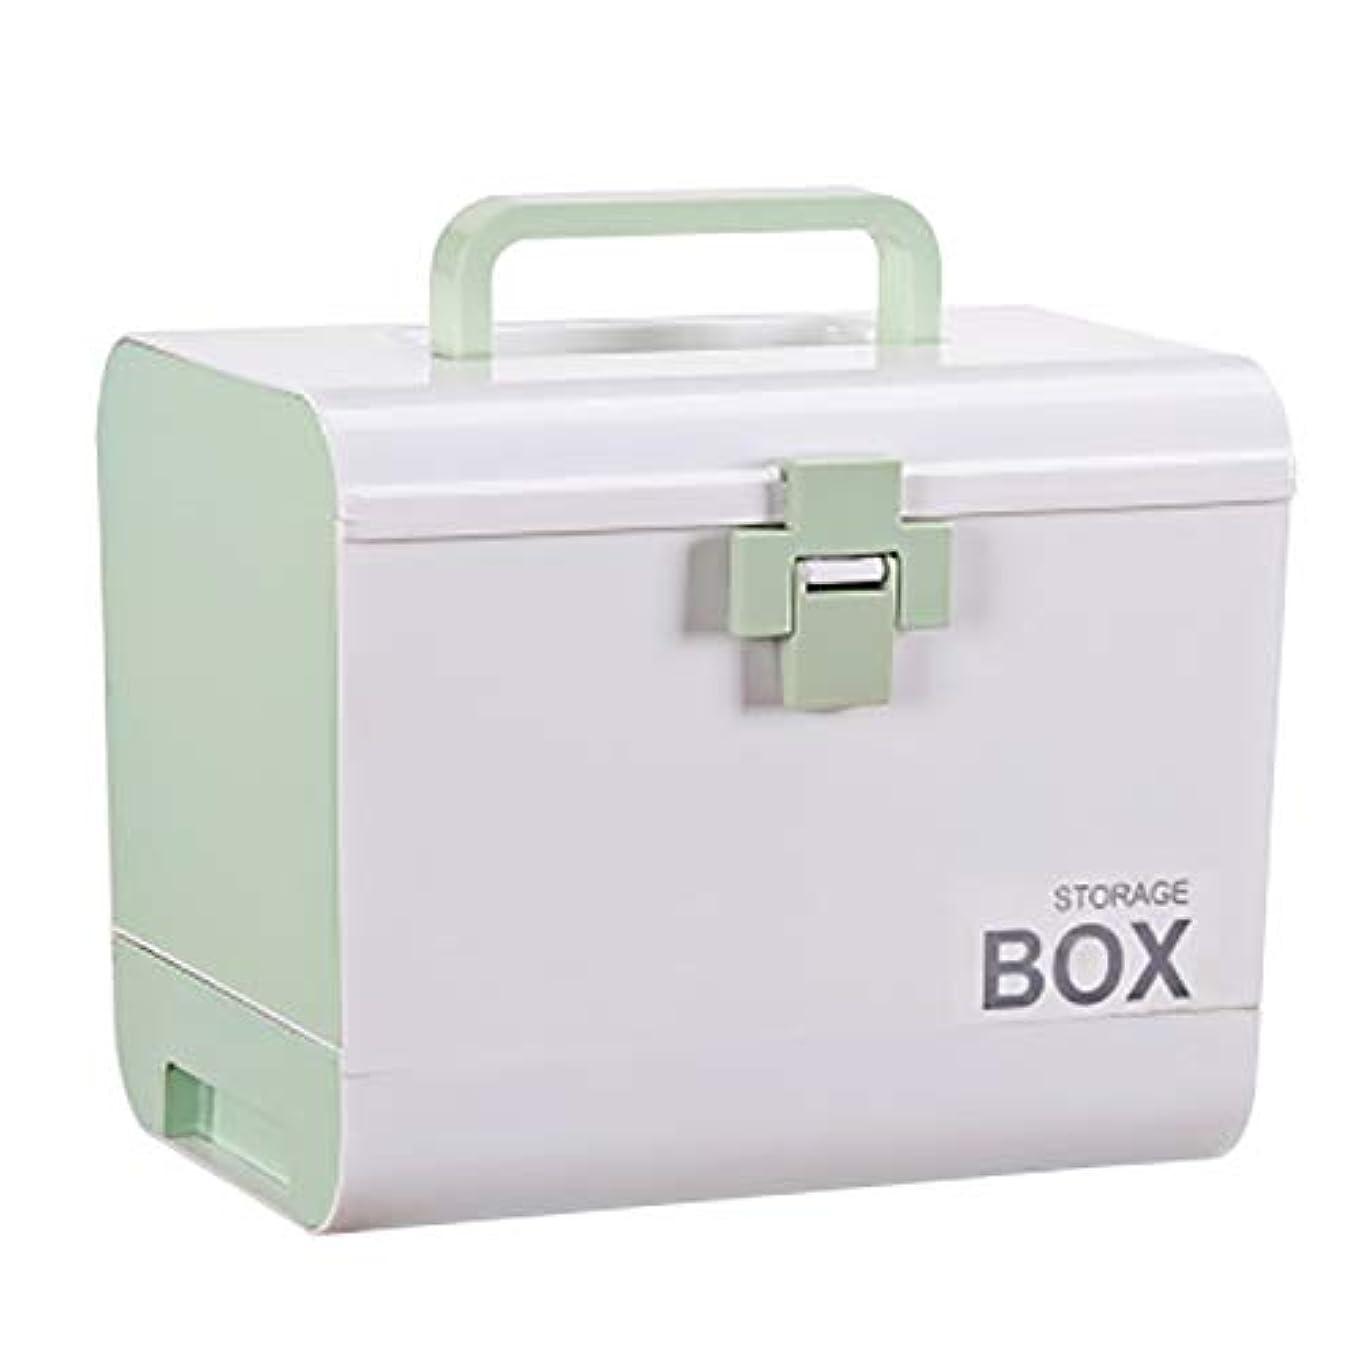 連隊分泌するレバーフェリモア 救急箱 救急セット 薬箱 家庭用 メディカルボックス 車載用 防災 ツールボックス (グリーン)